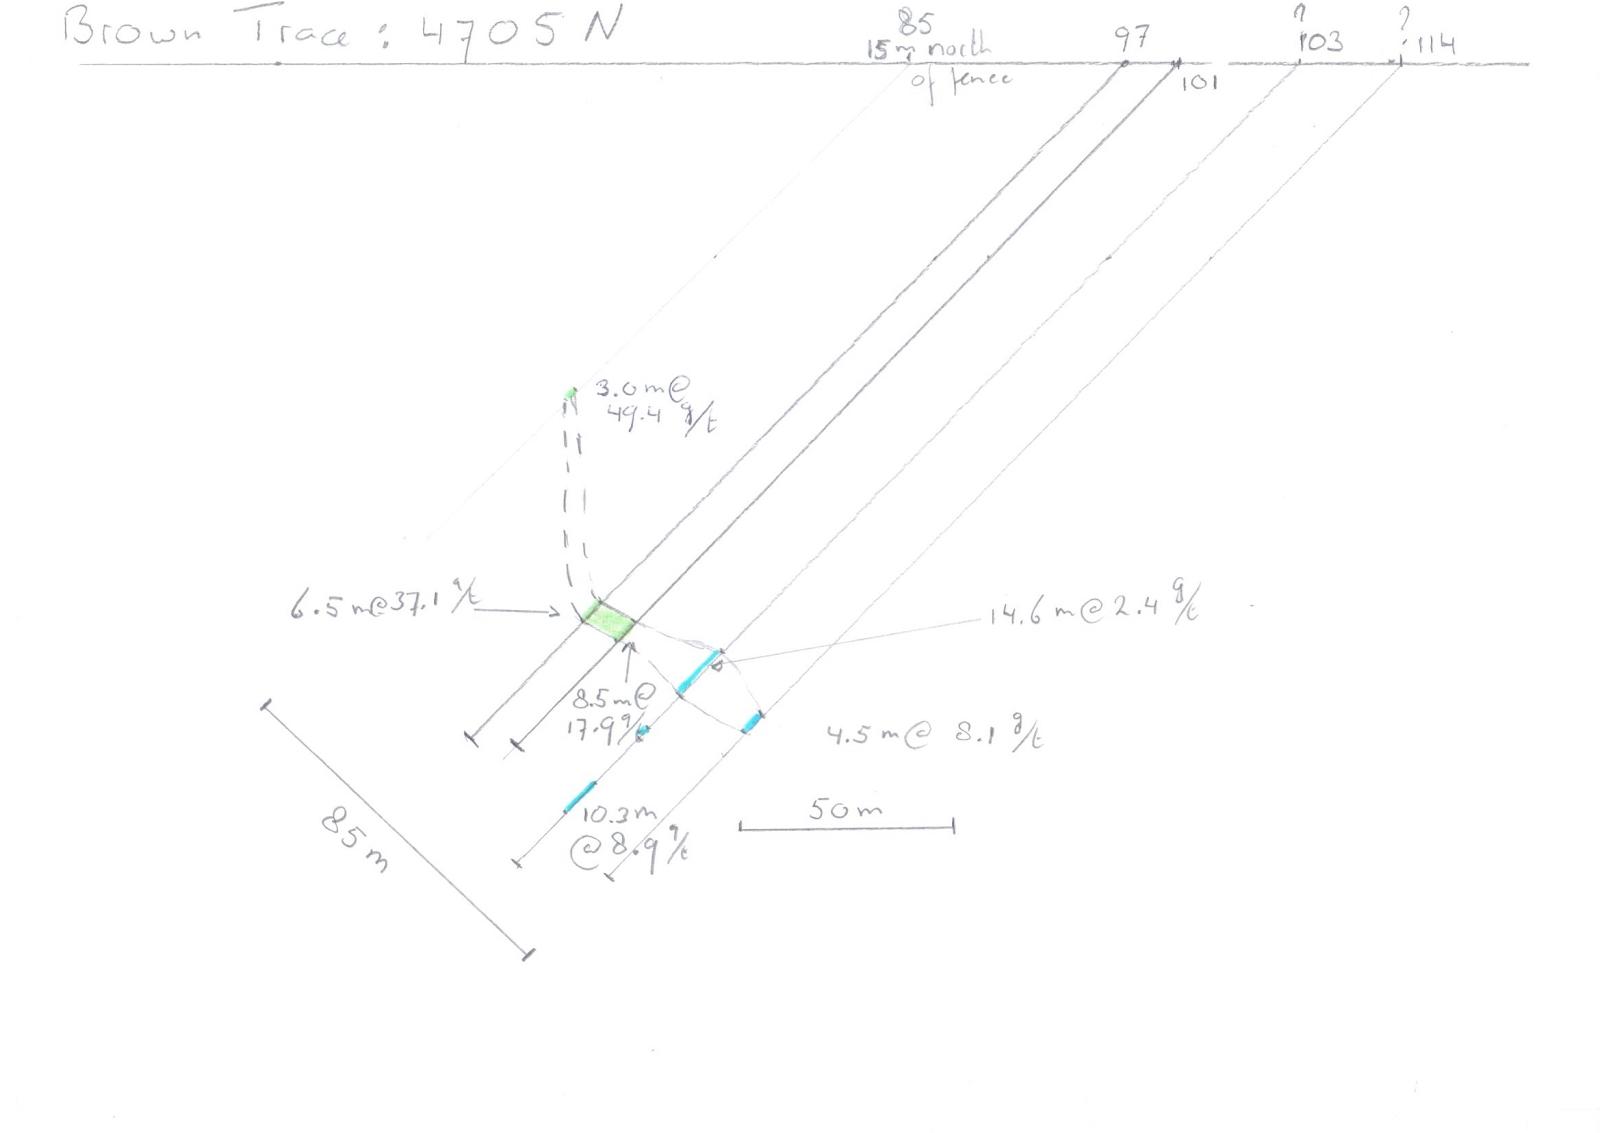 Figure 5: Keats Zone Cross Section 4705 N